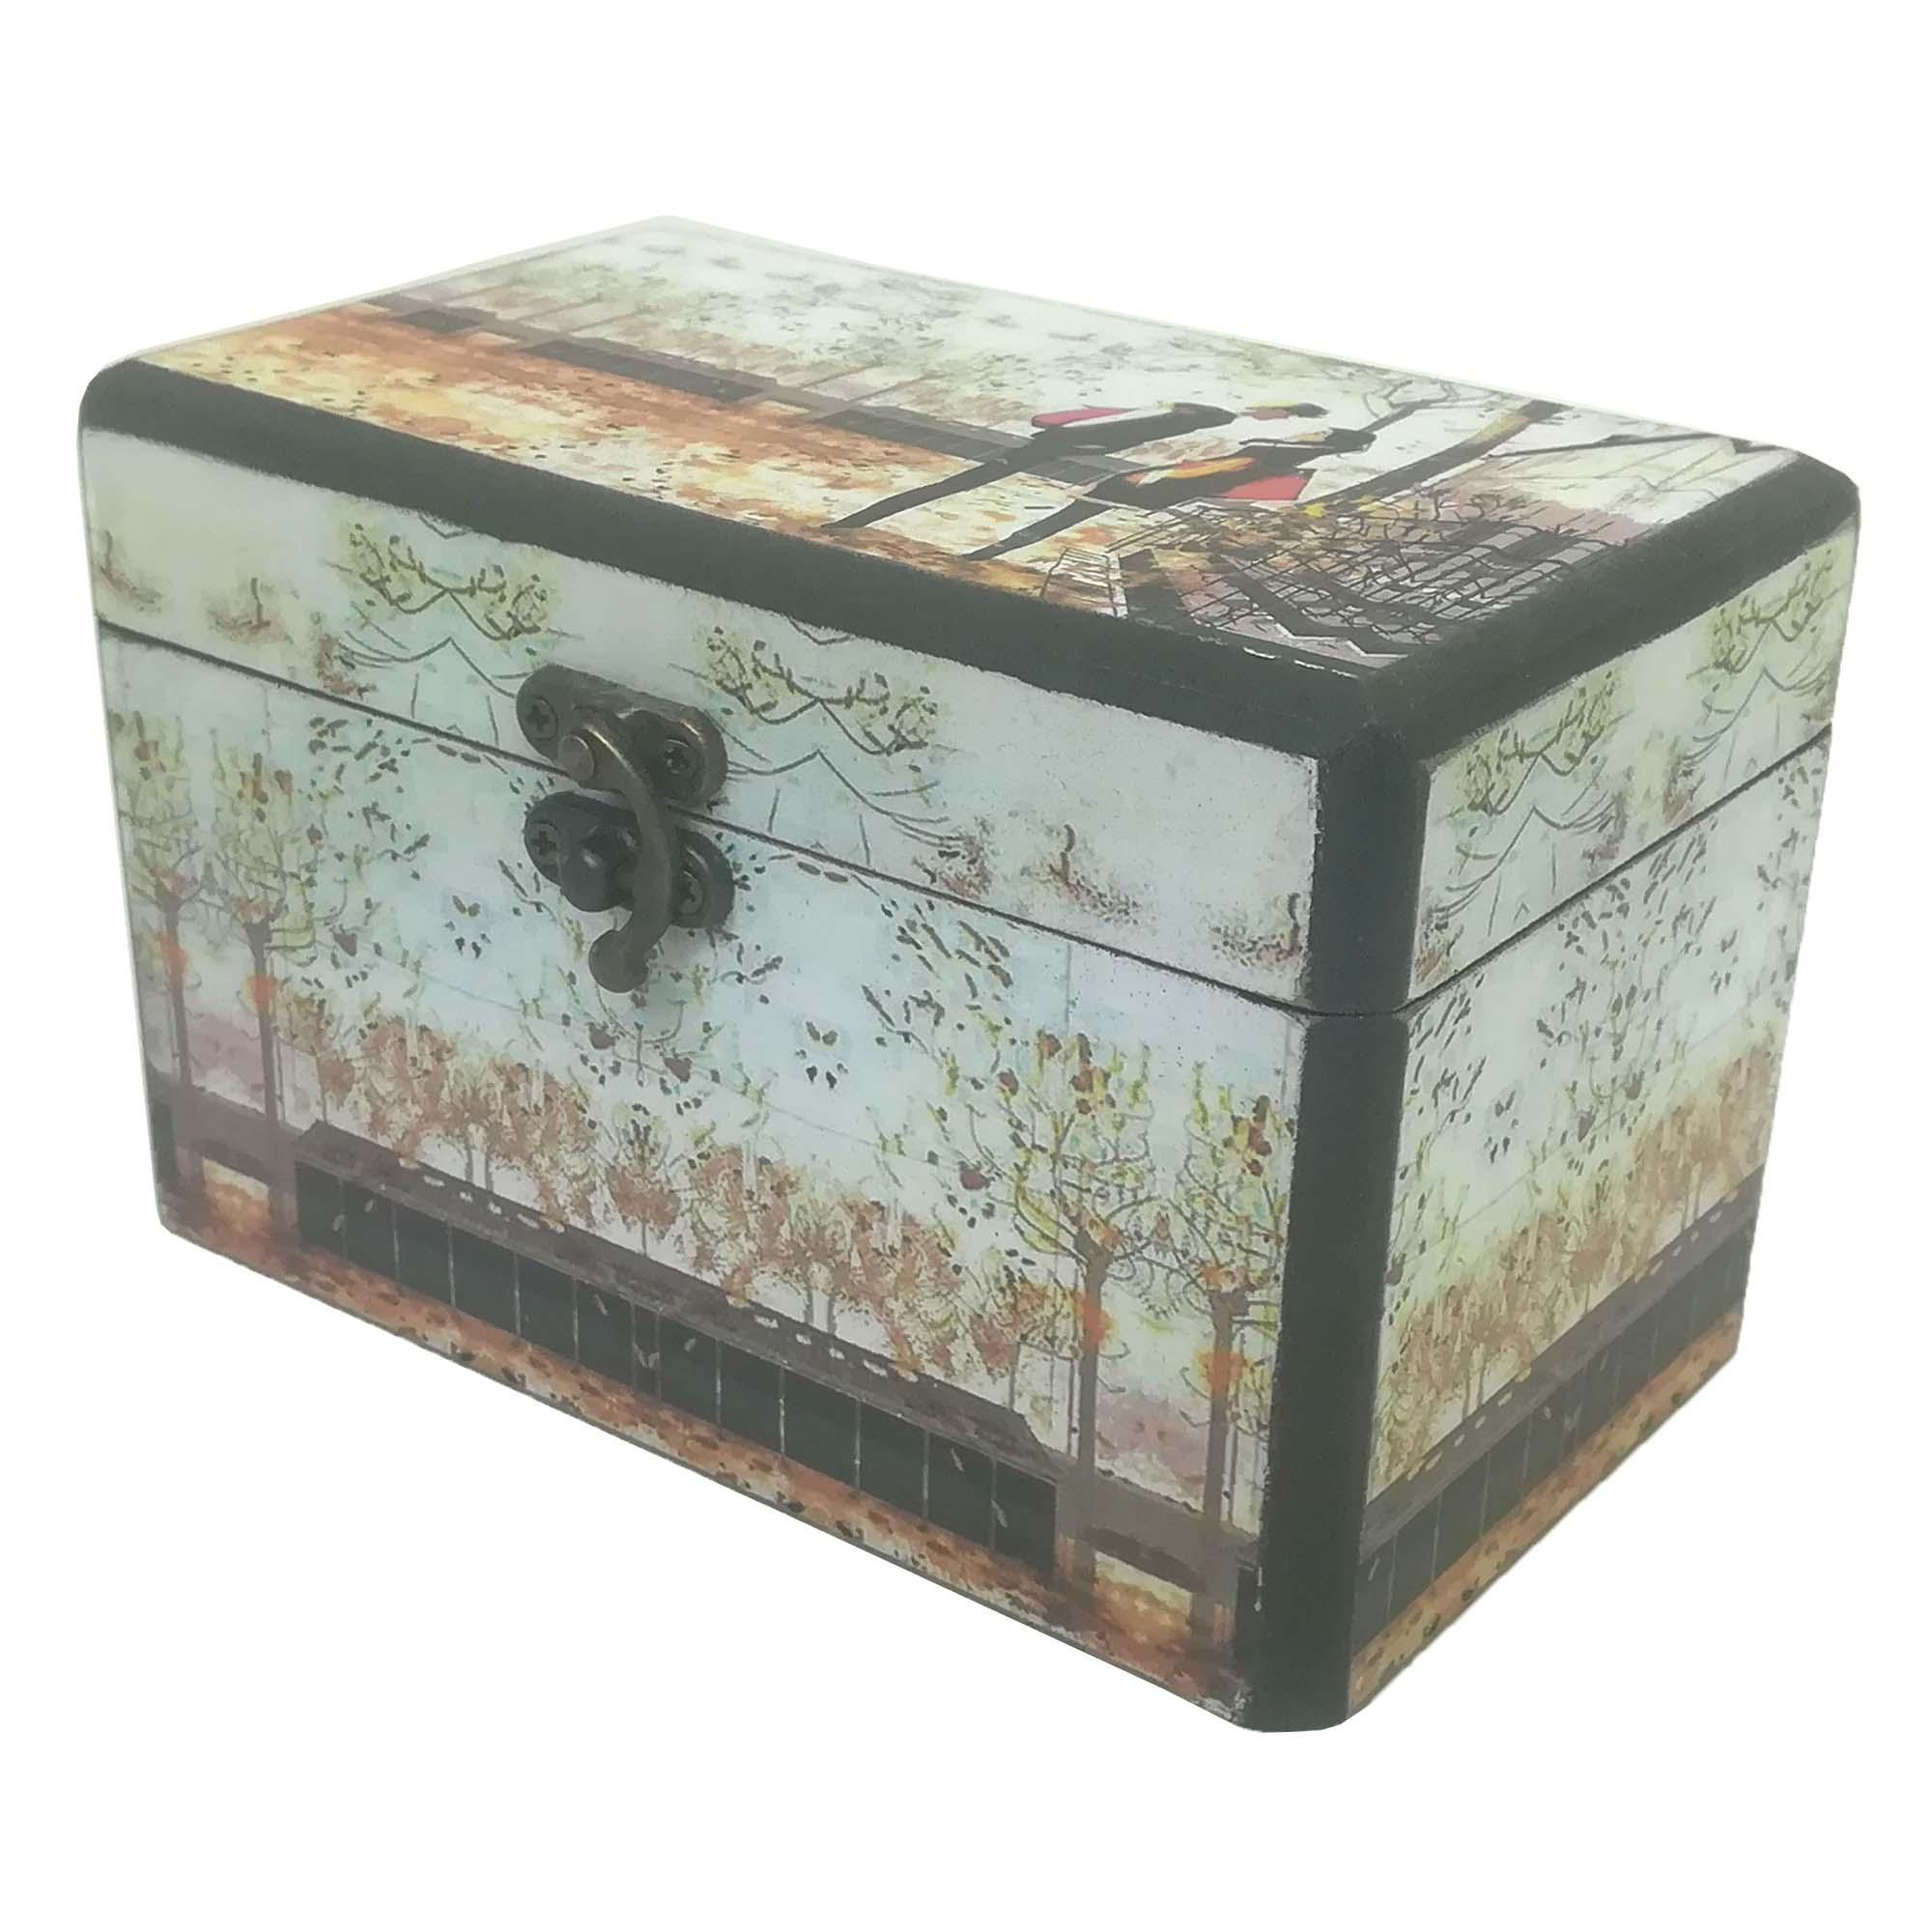 جعبه هدیه طرح عشق پاییزی کد 414